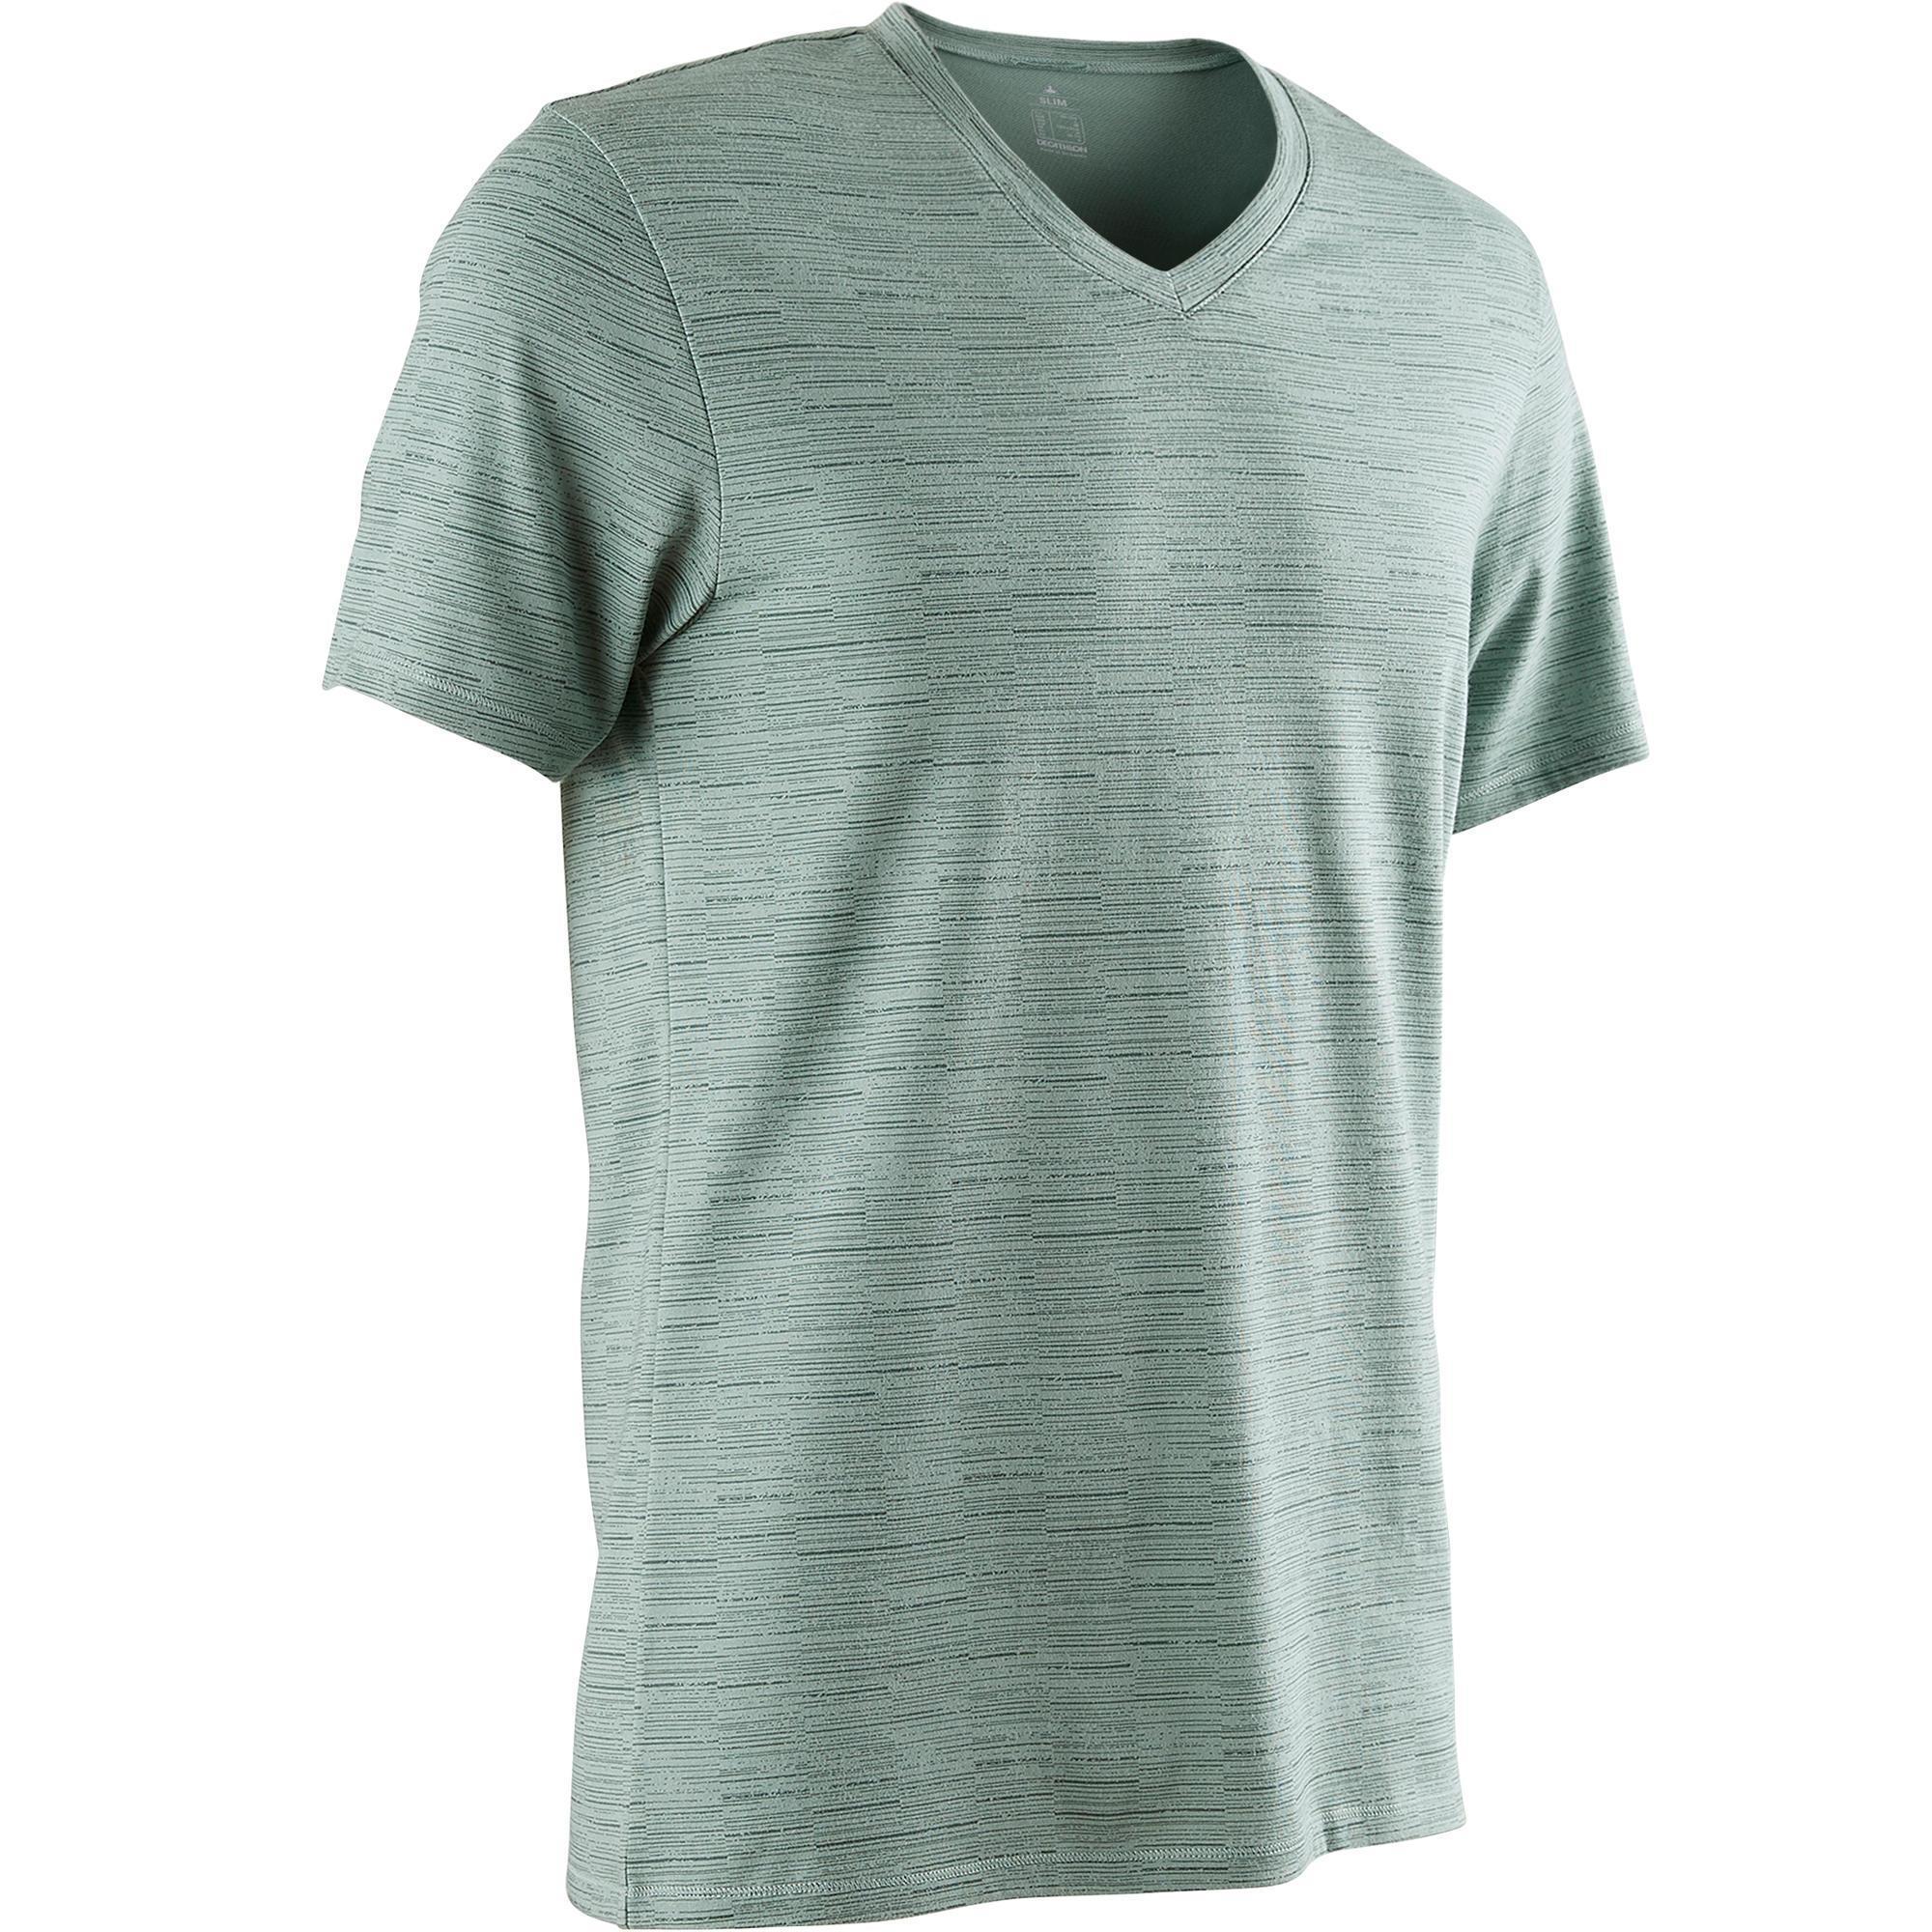 Domyos T-shirt 500 V-hals slim fit pilates en lichte gym heren